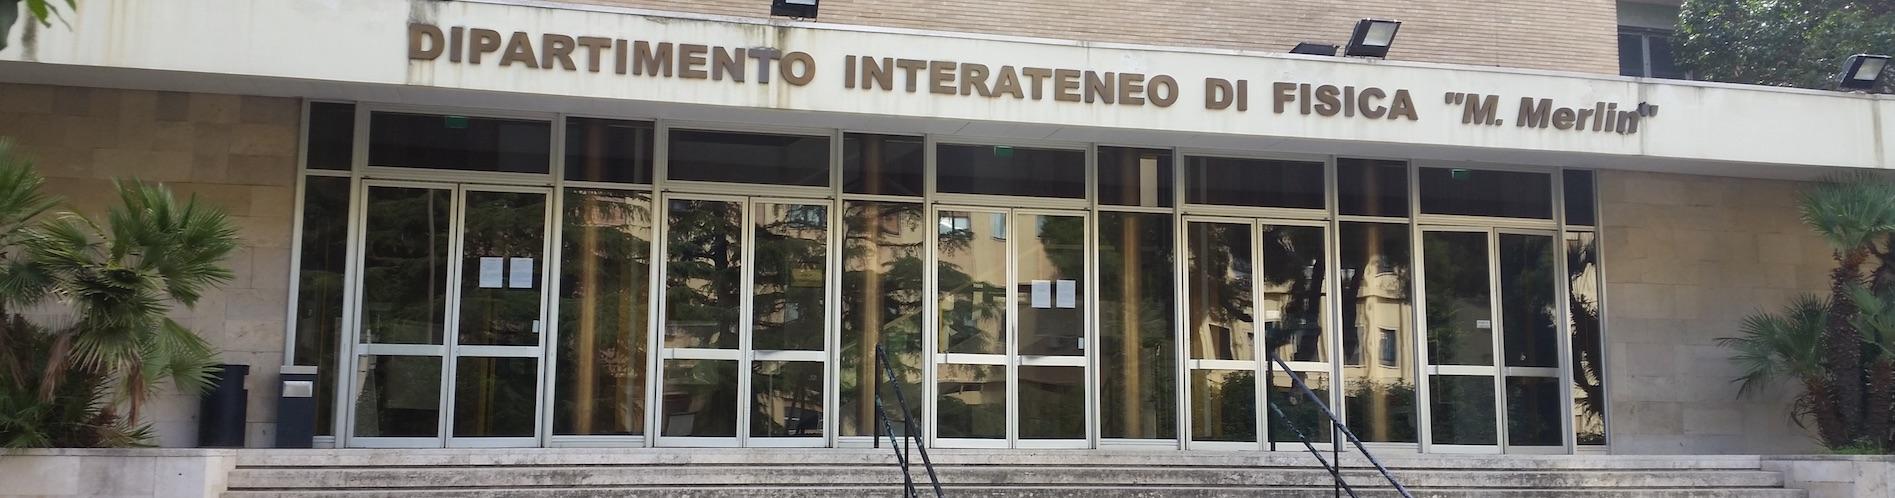 (Italiano) Dipartimento Interateneo di Fisica